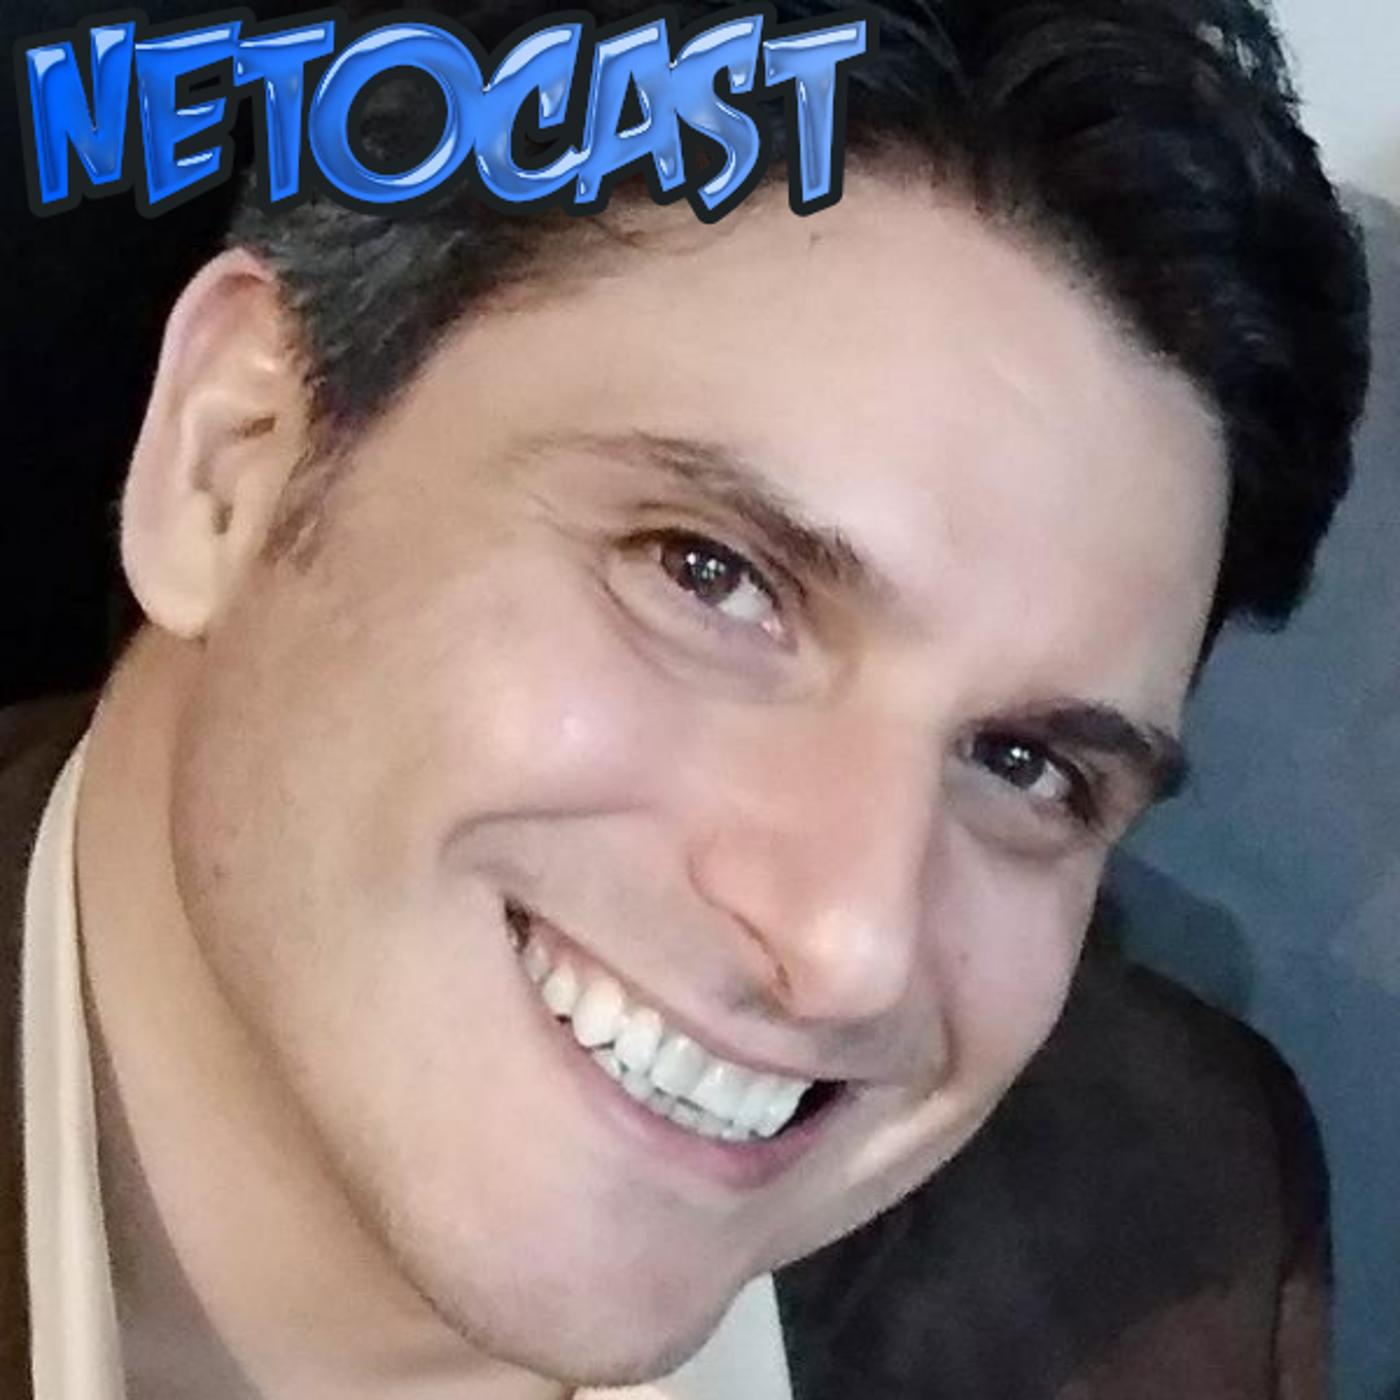 NETOCAST - José Castanhas Neto